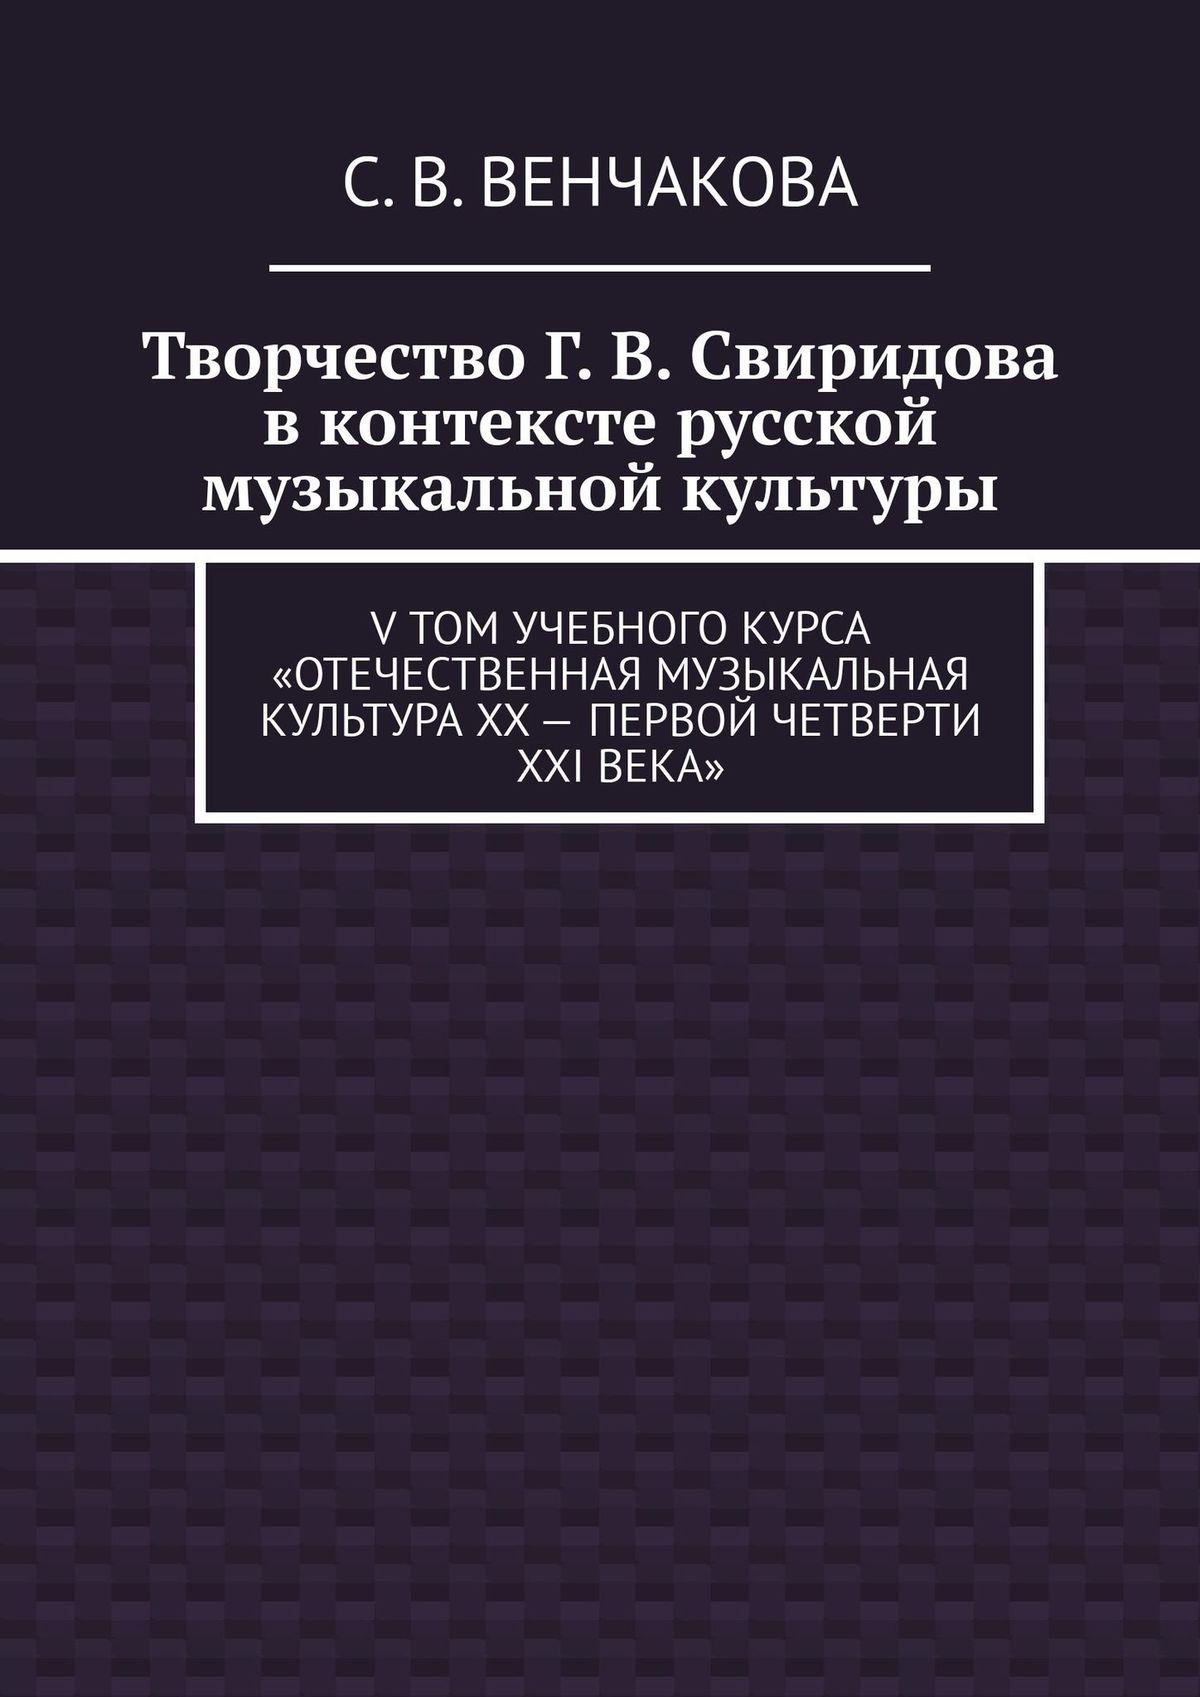 ТворчествоГ.В.Свиридова вконтексте русской музыкальной культуры